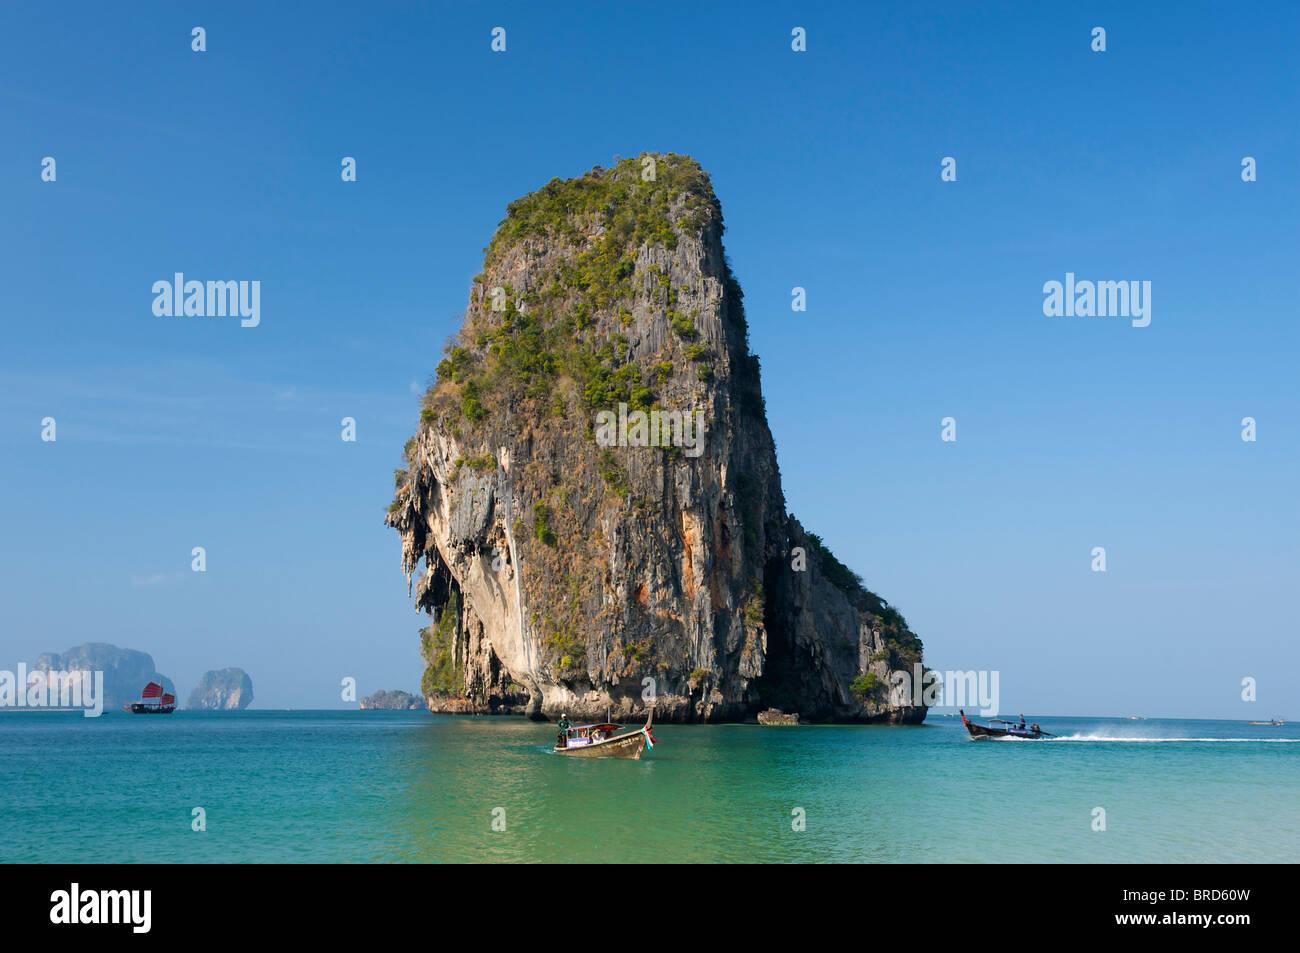 Long-tail boats at Laem Phra Nang Beach, Krabi, Thailand - Stock Image